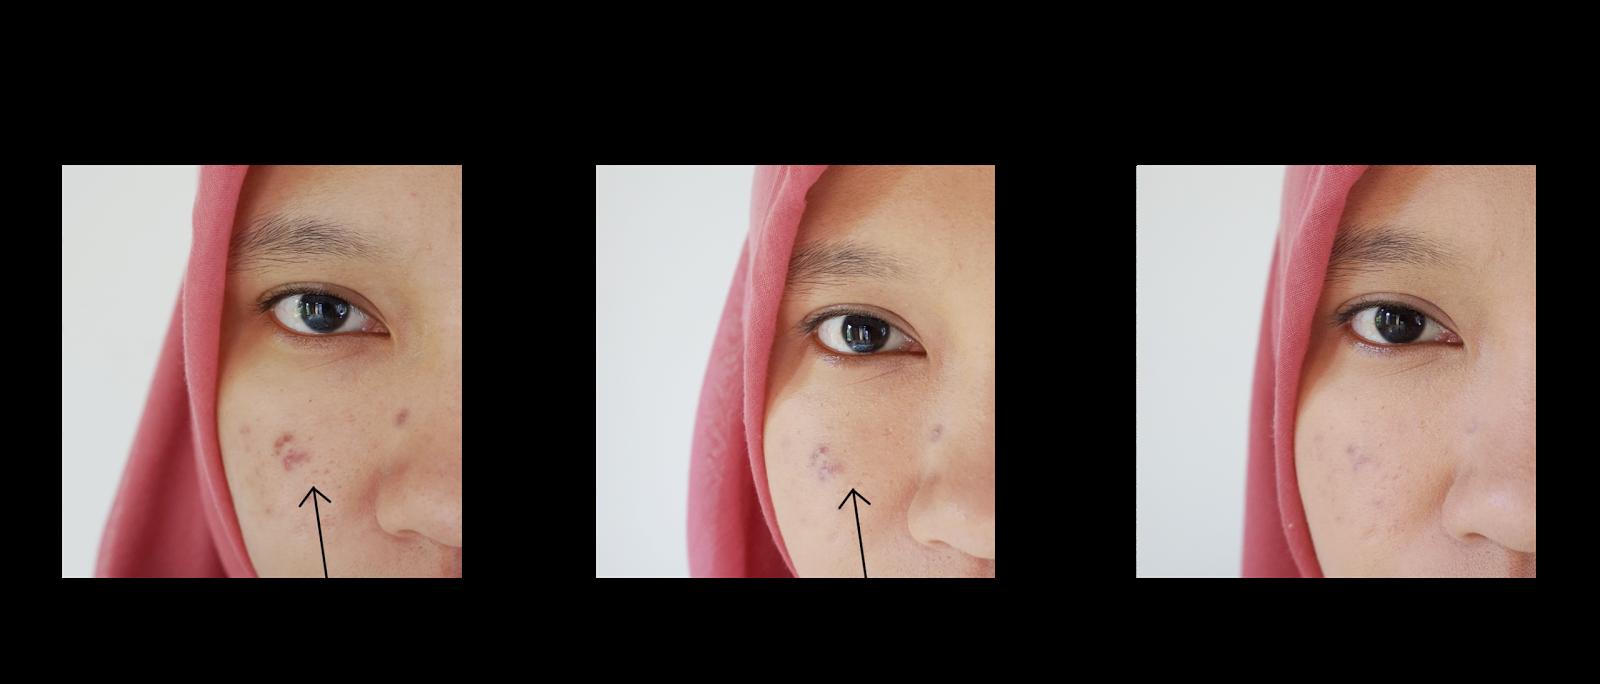 Tampil Natural Dan Tahan Lama Dengan Ultima Ii Delicate Creme Make Spons Bedak Isi 2 Before After Pemakaian Up Translucent Face Powder With Moisturizer